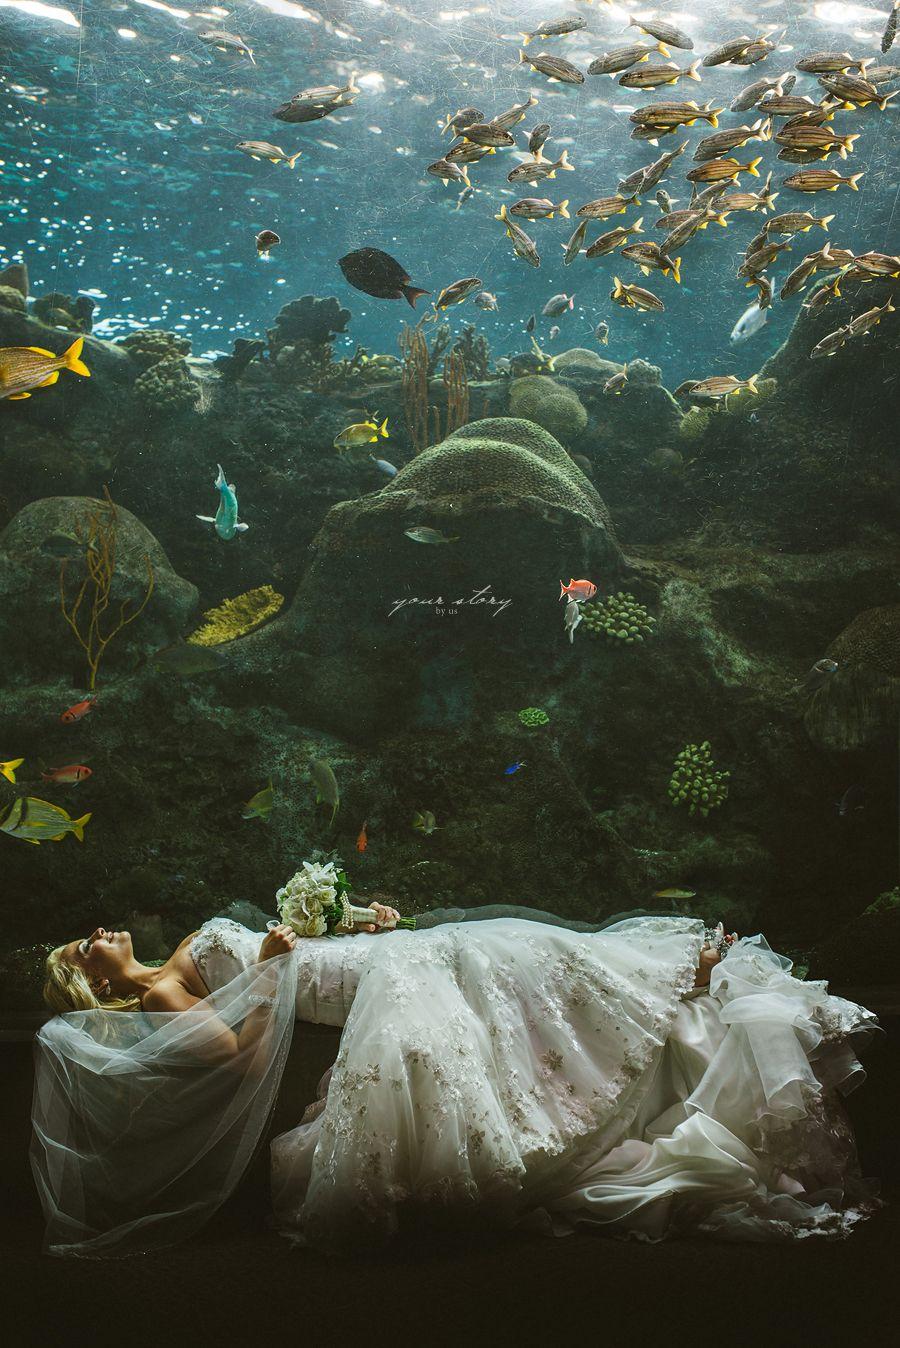 Tampa Florida Aquarium Wedding